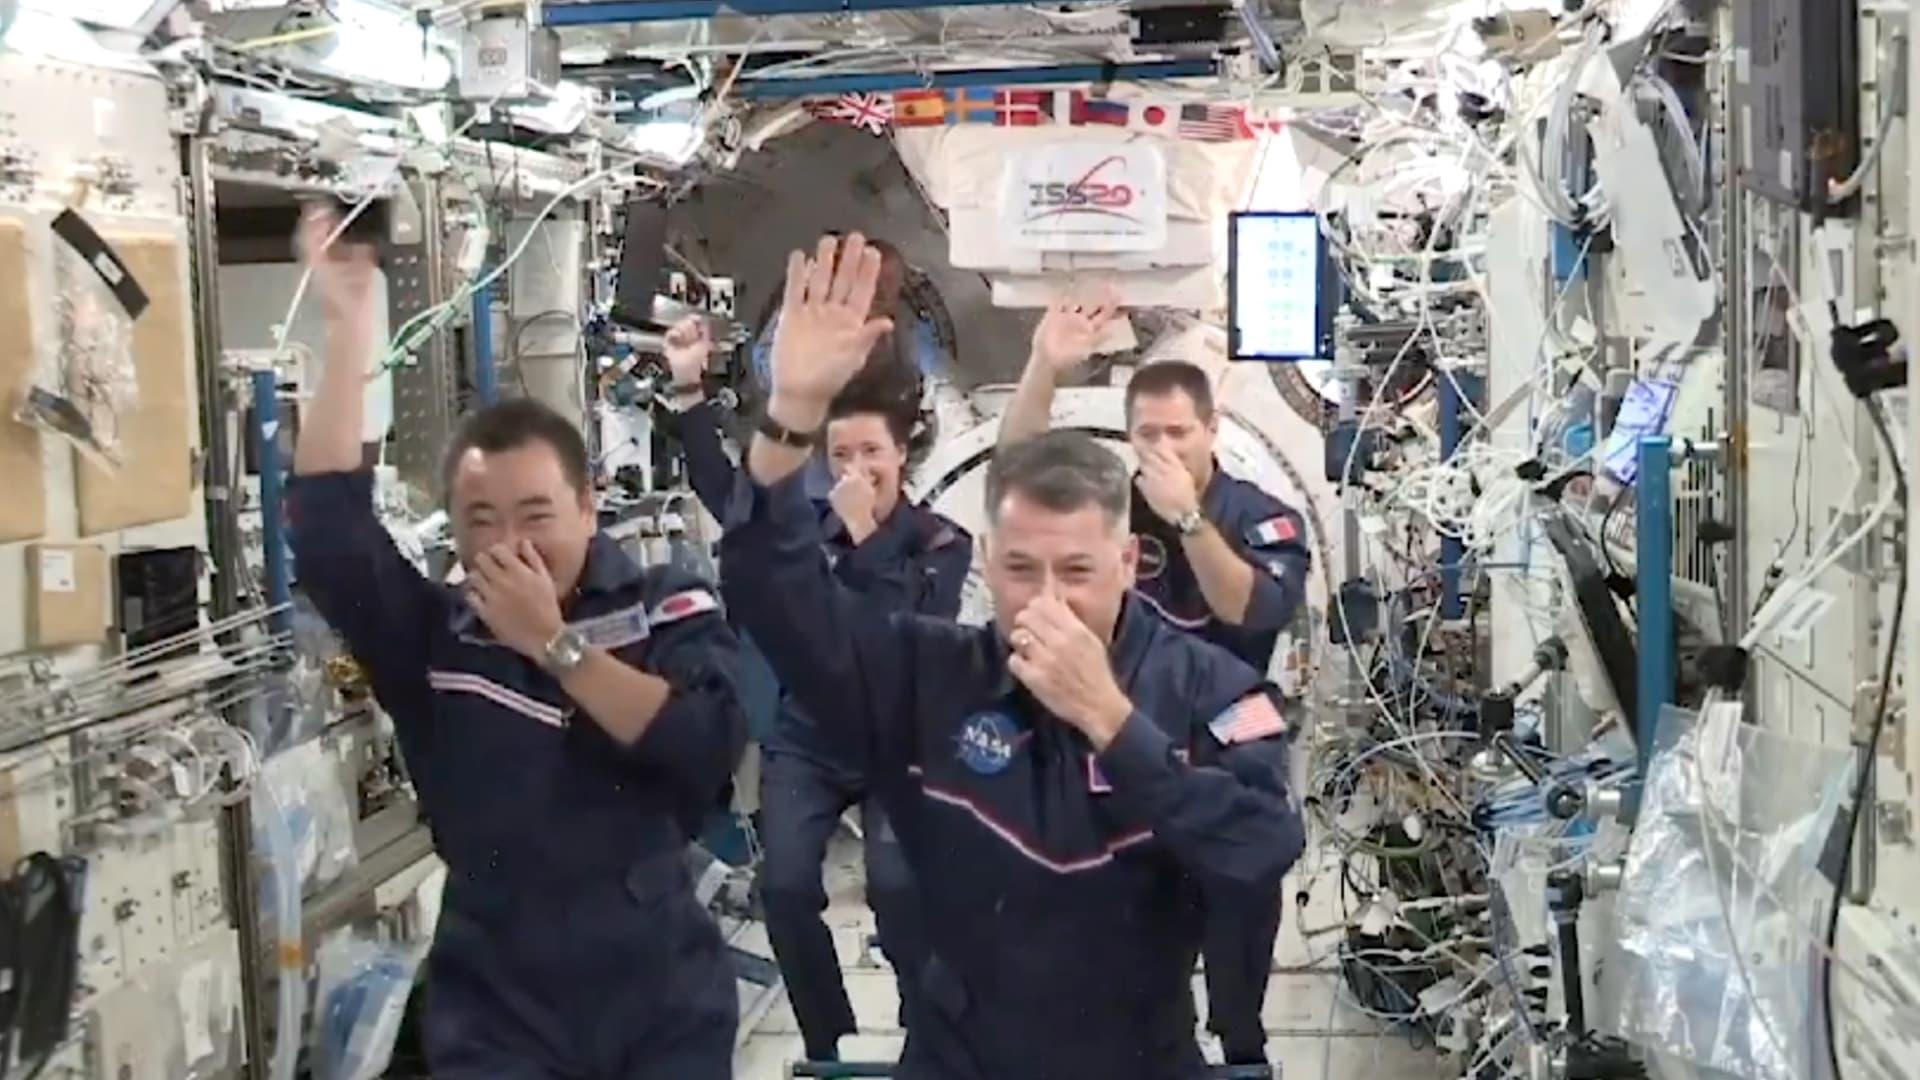 أولمبياد في الفضاء مع انعدام الجاذبية.. رواد الفضاء يسخرون من الألعاب الأولمبية